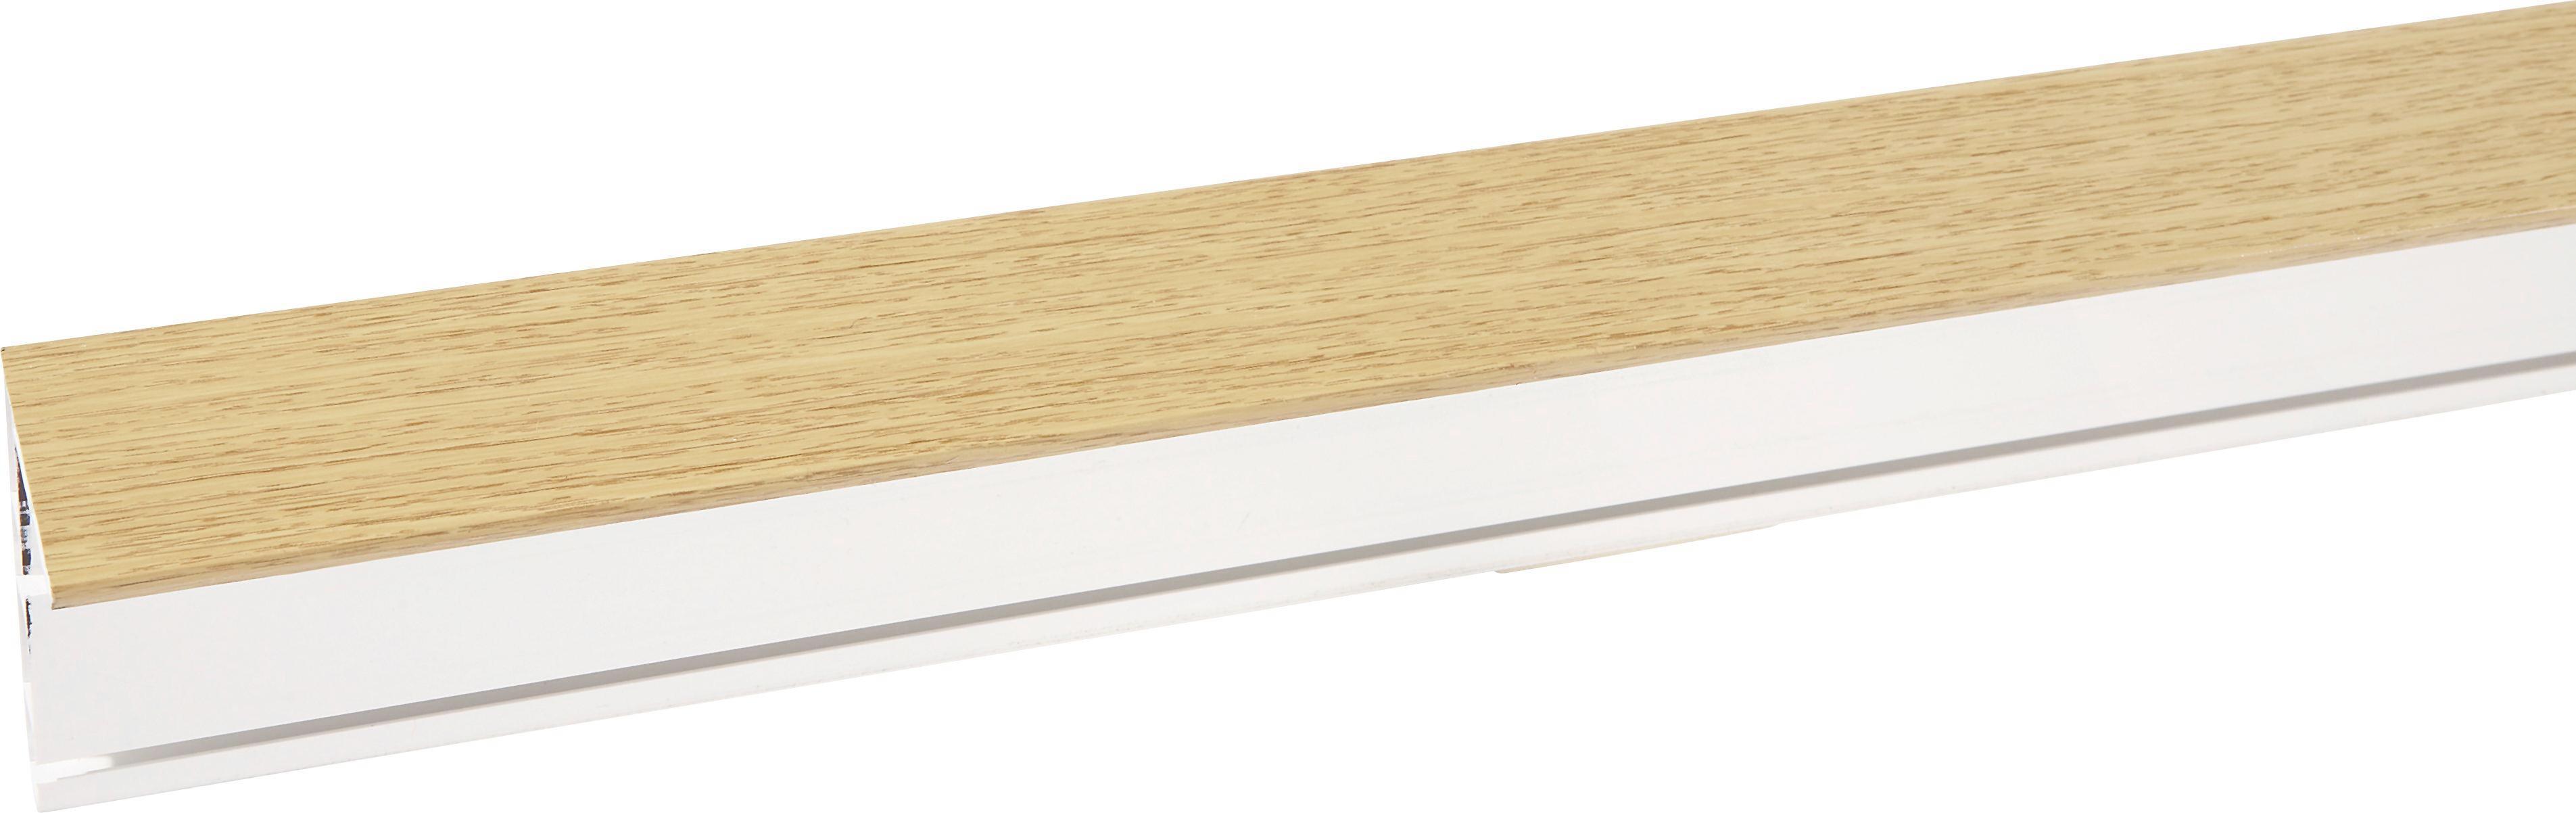 Függönysín Tölgy Színben - tölgy színű/fehér, konvencionális, műanyag (200/5/7.5cm) - MÖBELIX